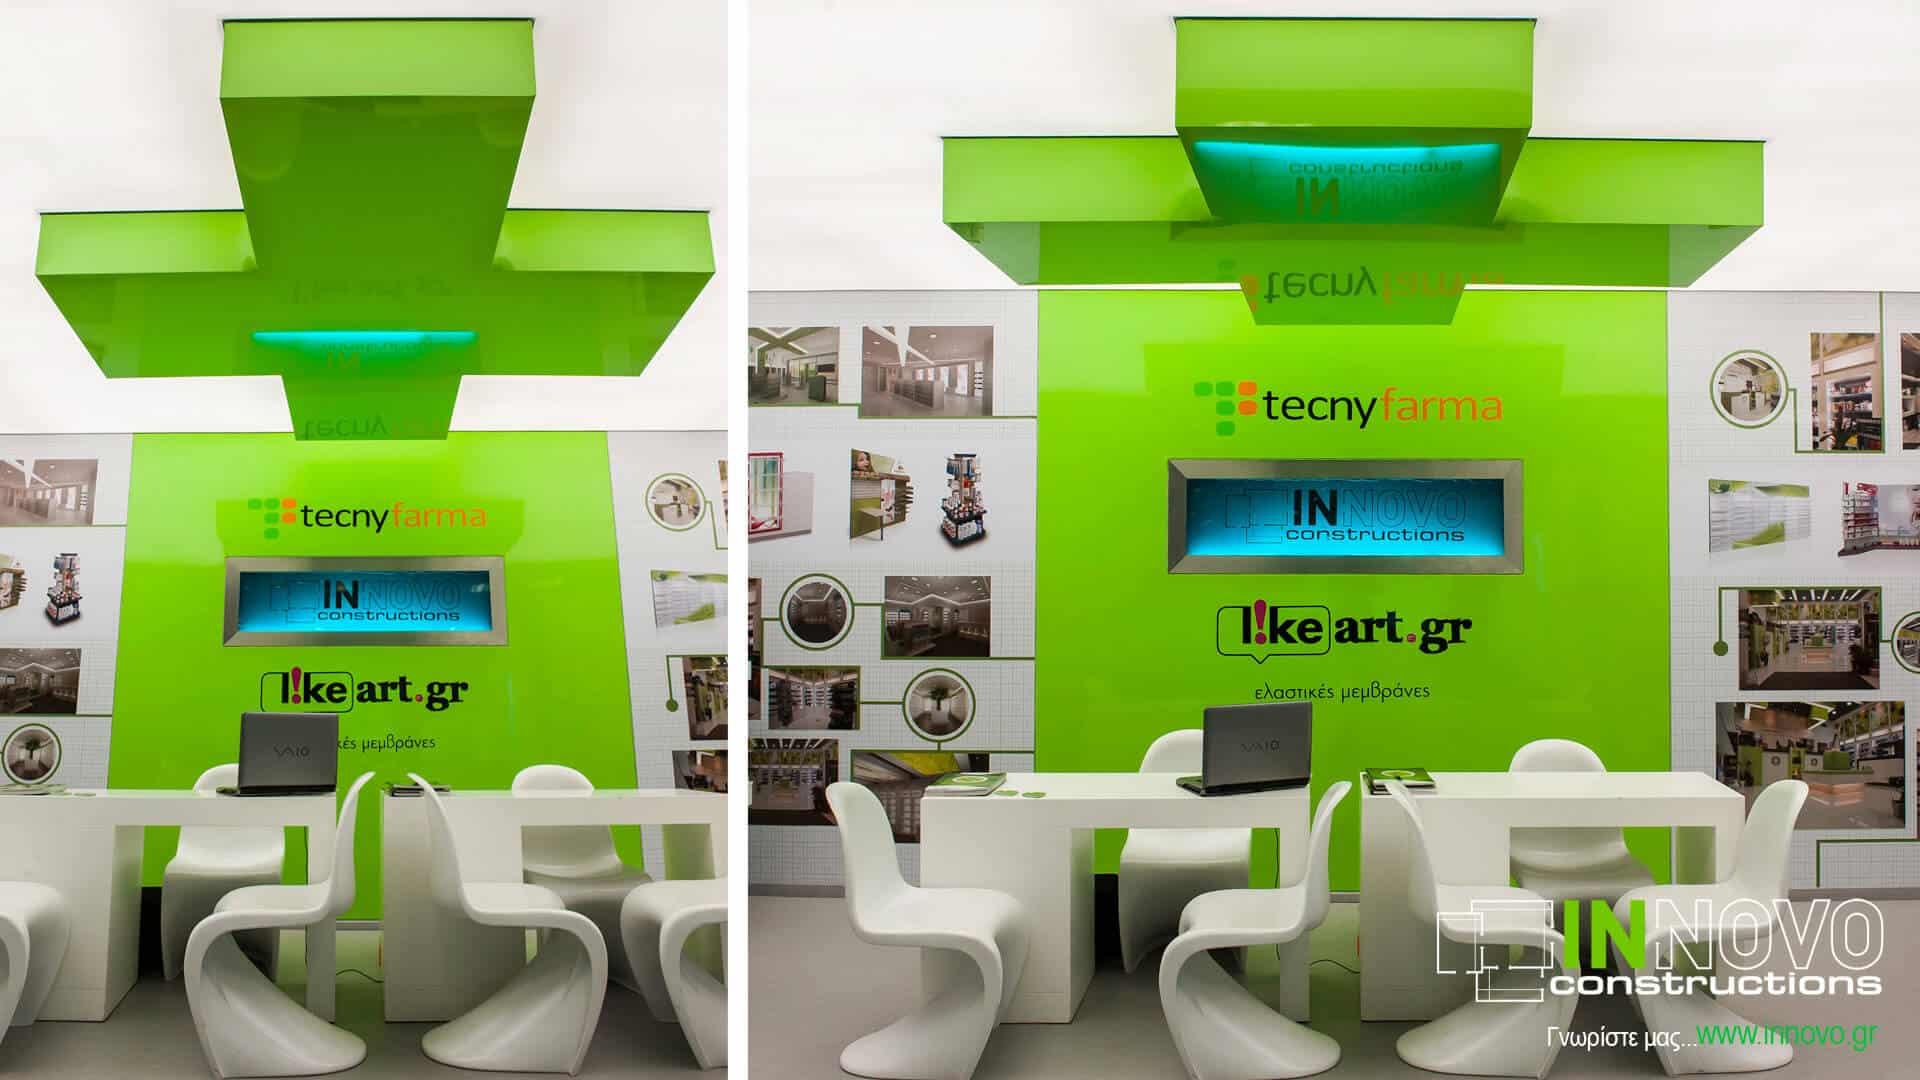 kataskevi-peripterou-exhibition-stand-construction-periptero-mas-hellaspharm2012-4